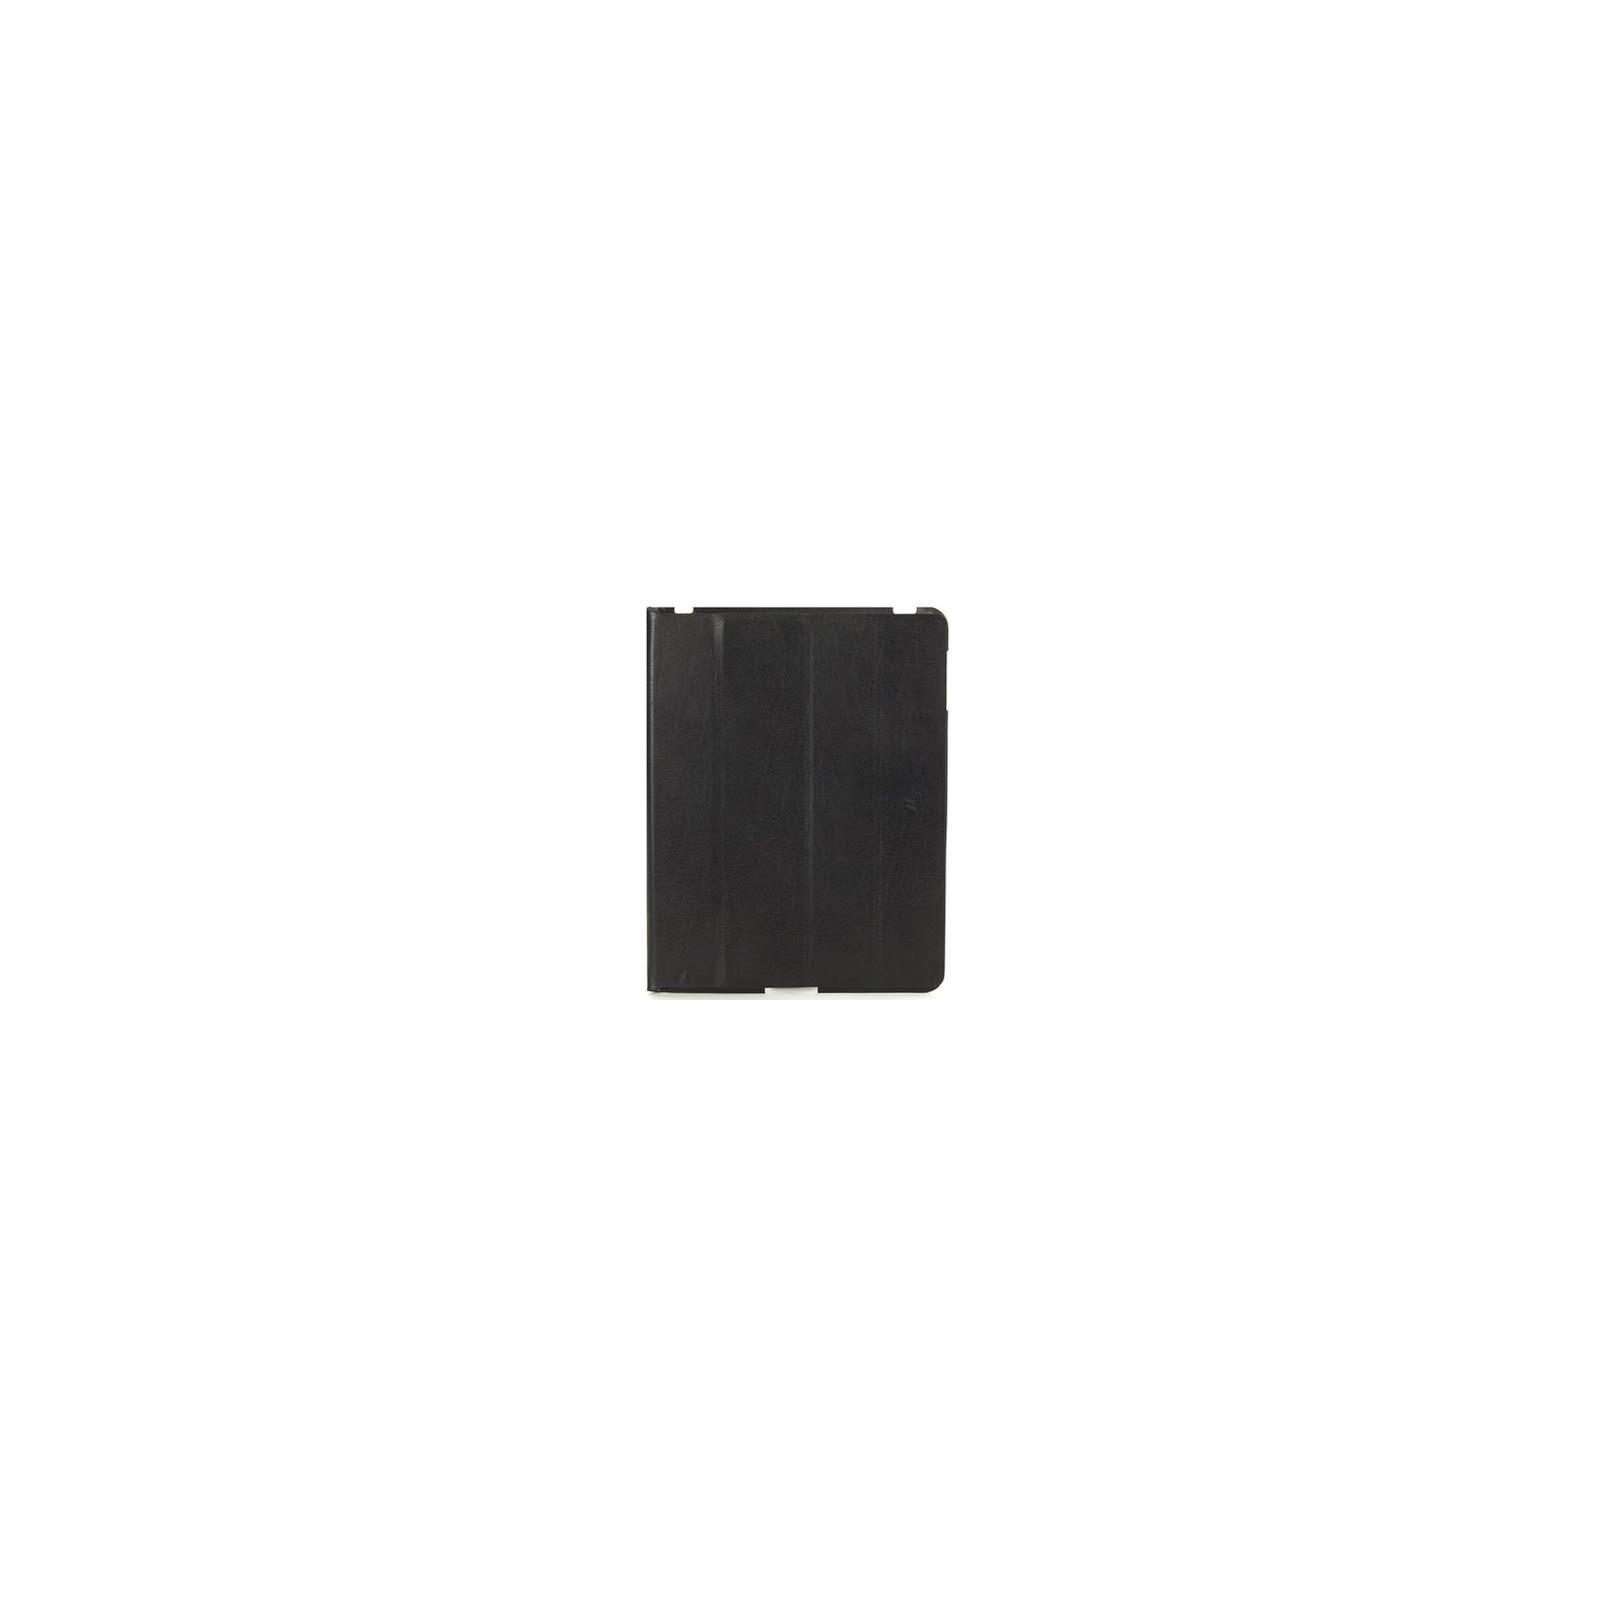 Чехол для планшета Tucano iPad2/3/4 Cornice Eco leather (Black) (IPDCO23)